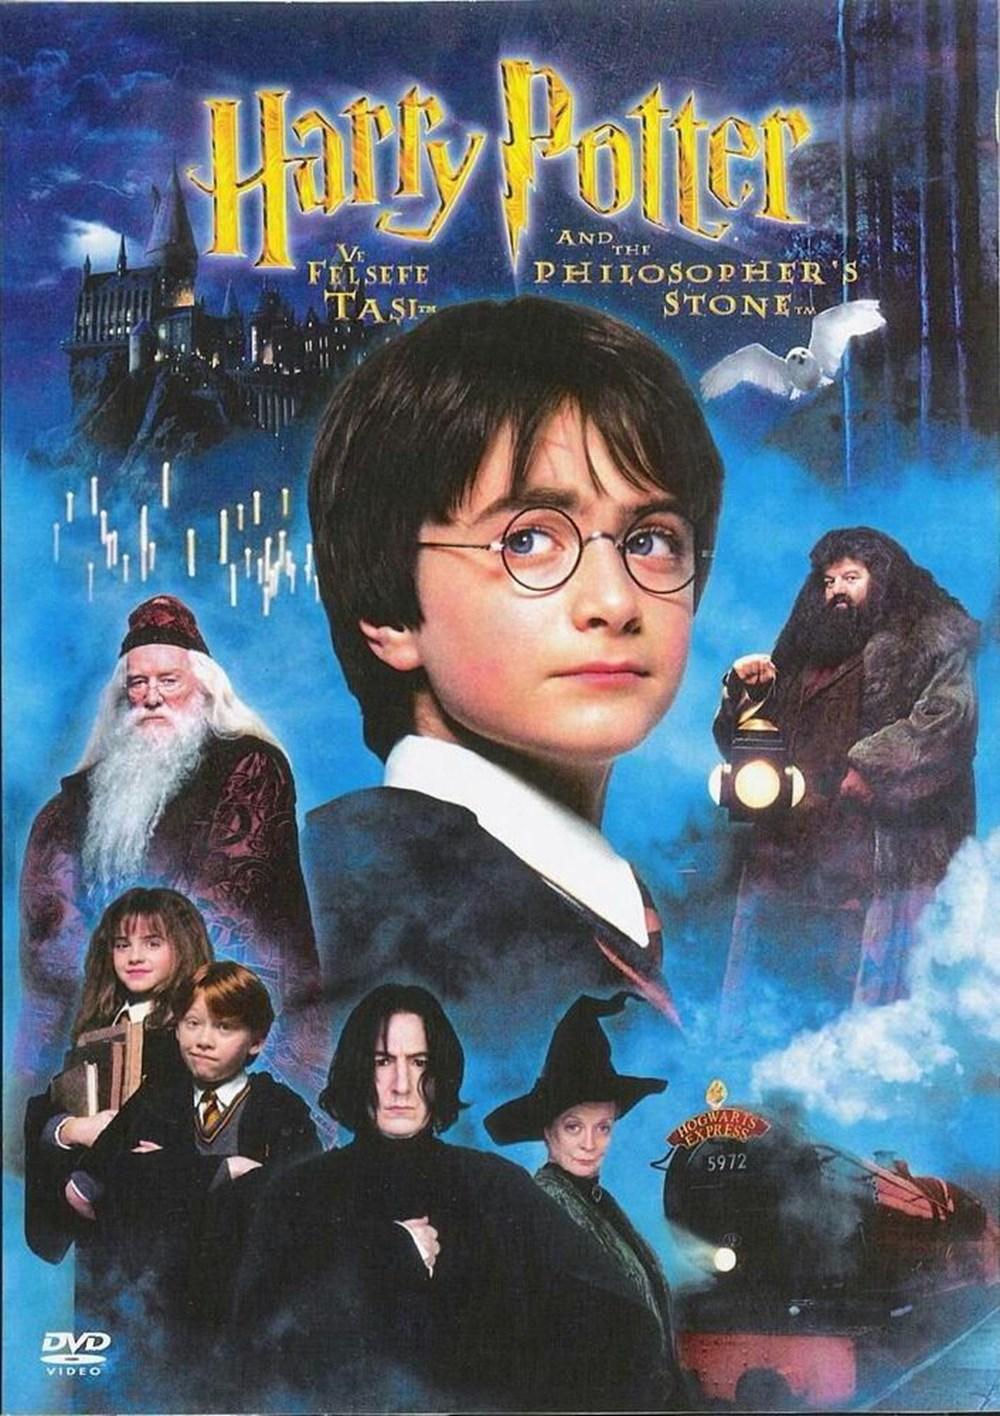 Harry Potter'daki en duygusal sahnenin kazara çekildiği ortaya çıktı - 4